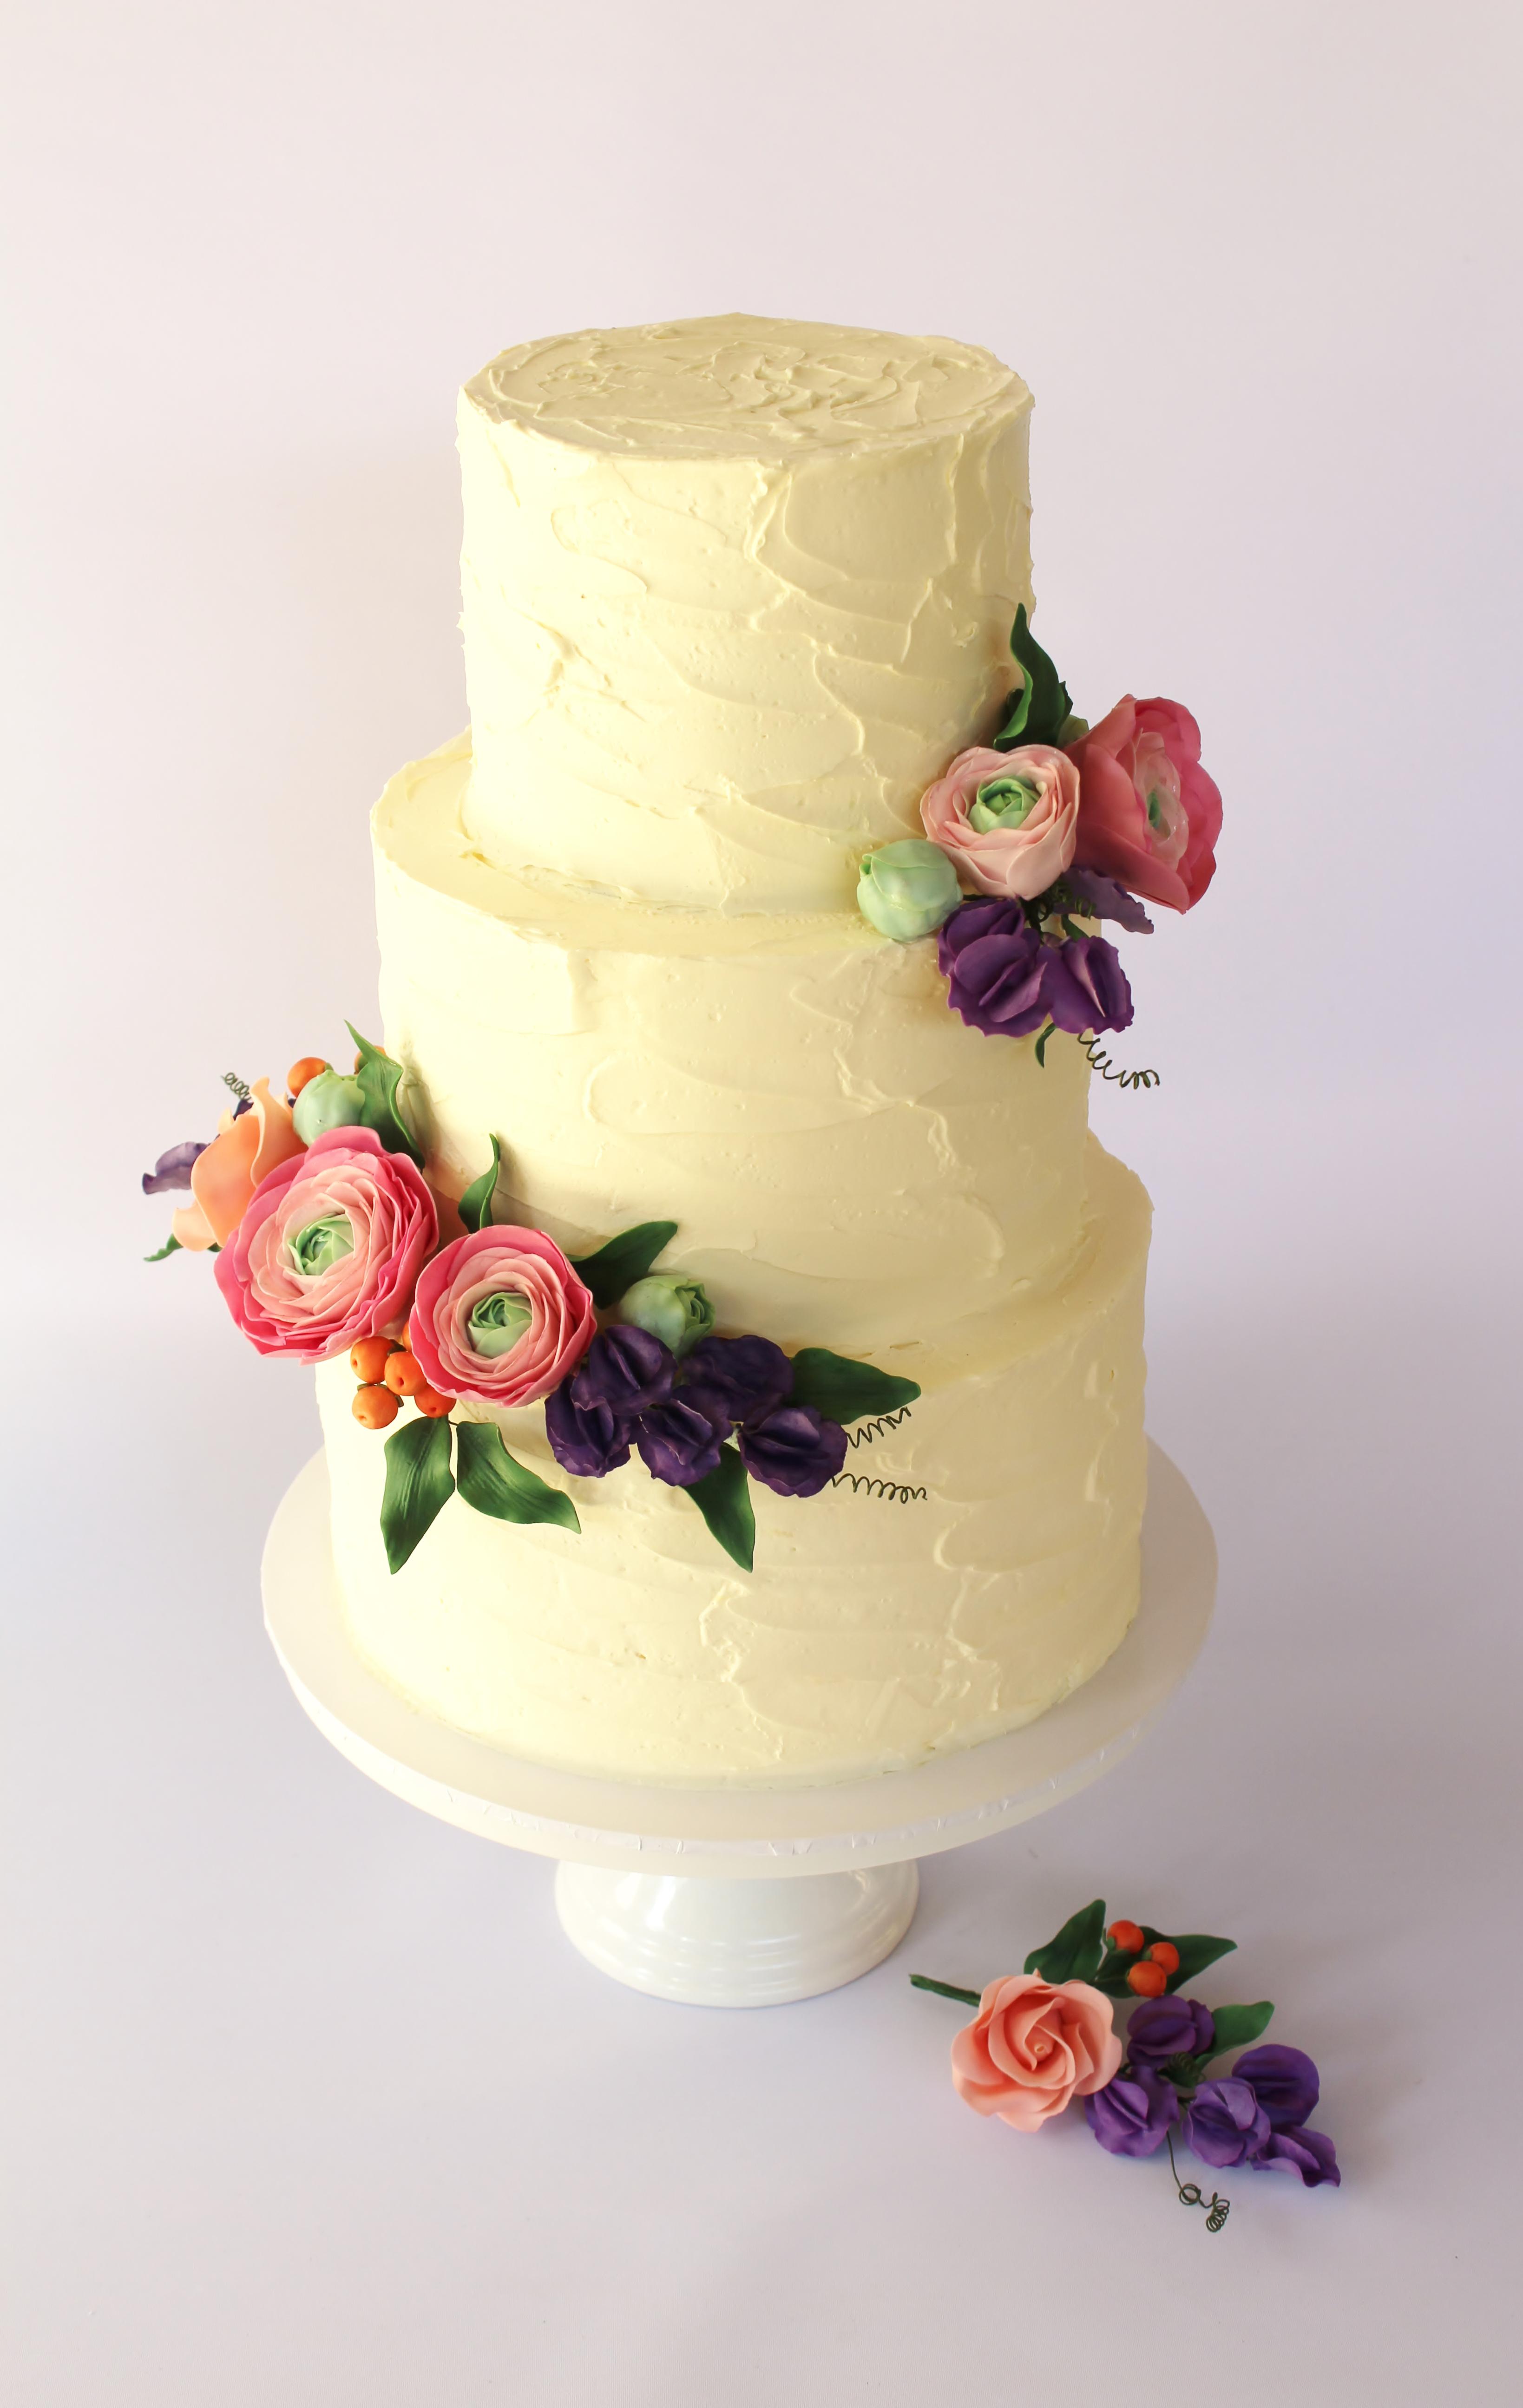 The Cake Garden